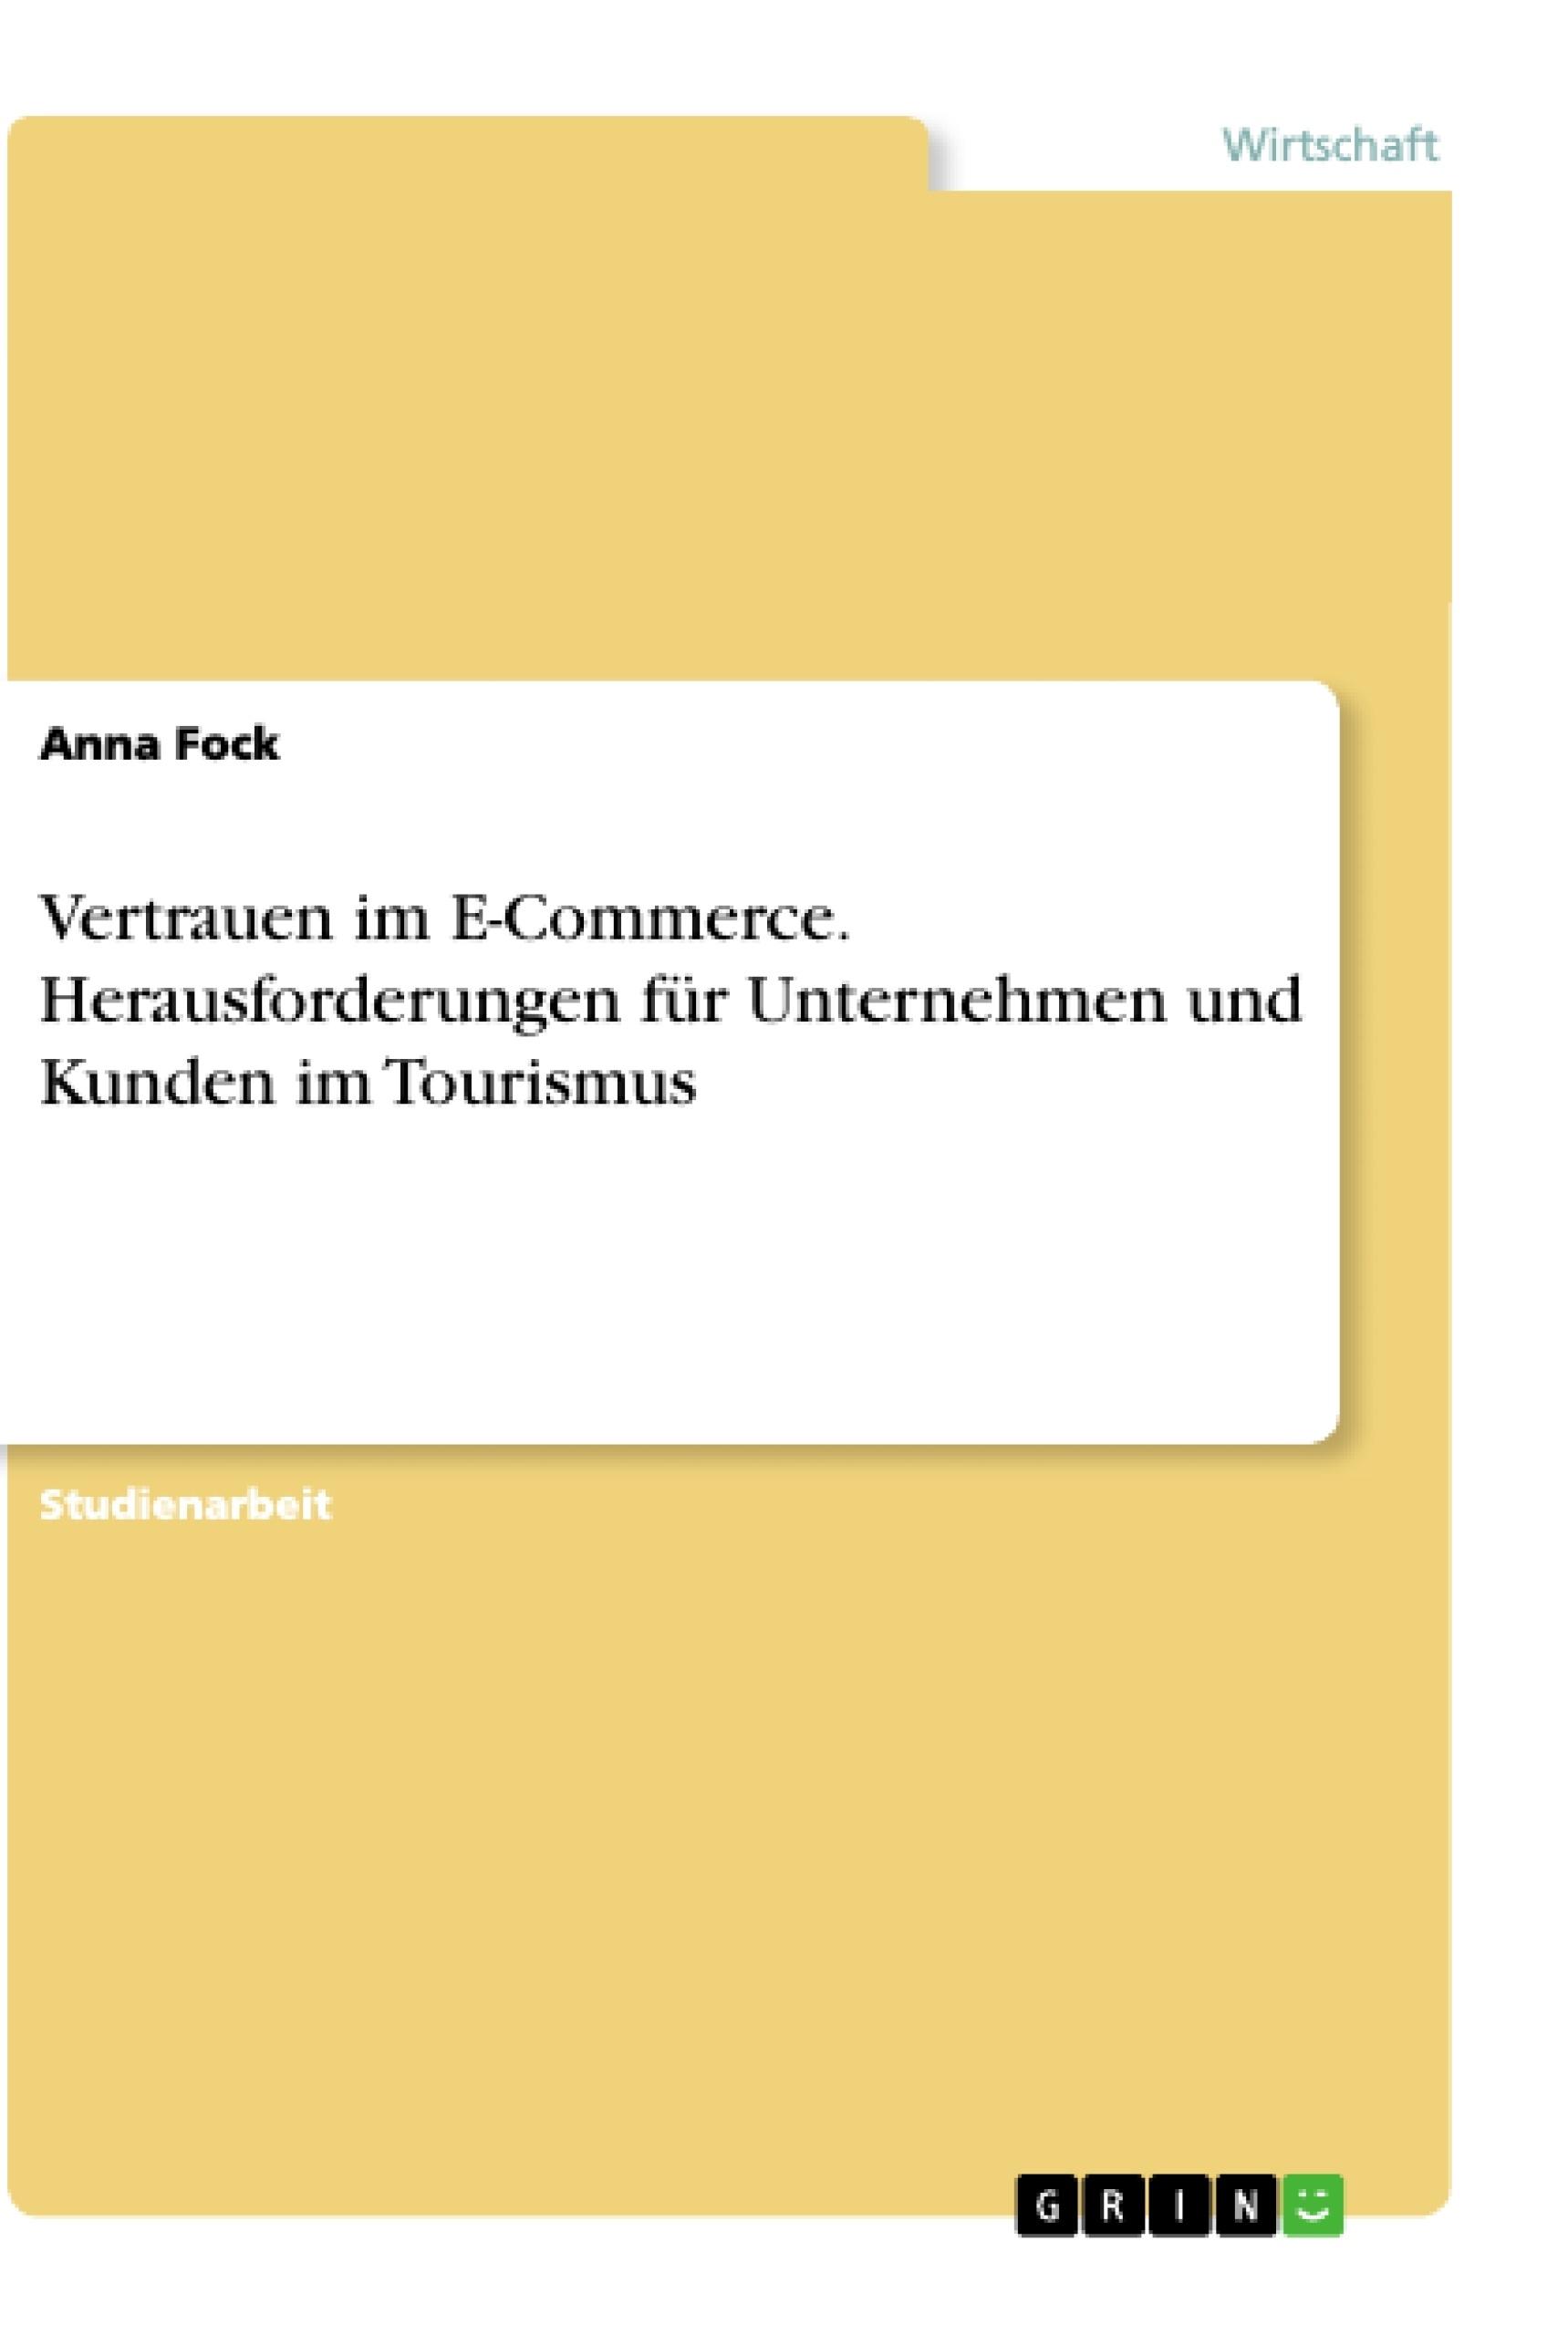 Titel: Vertrauen im E-Commerce. Herausforderungen für Unternehmen und Kunden im Tourismus